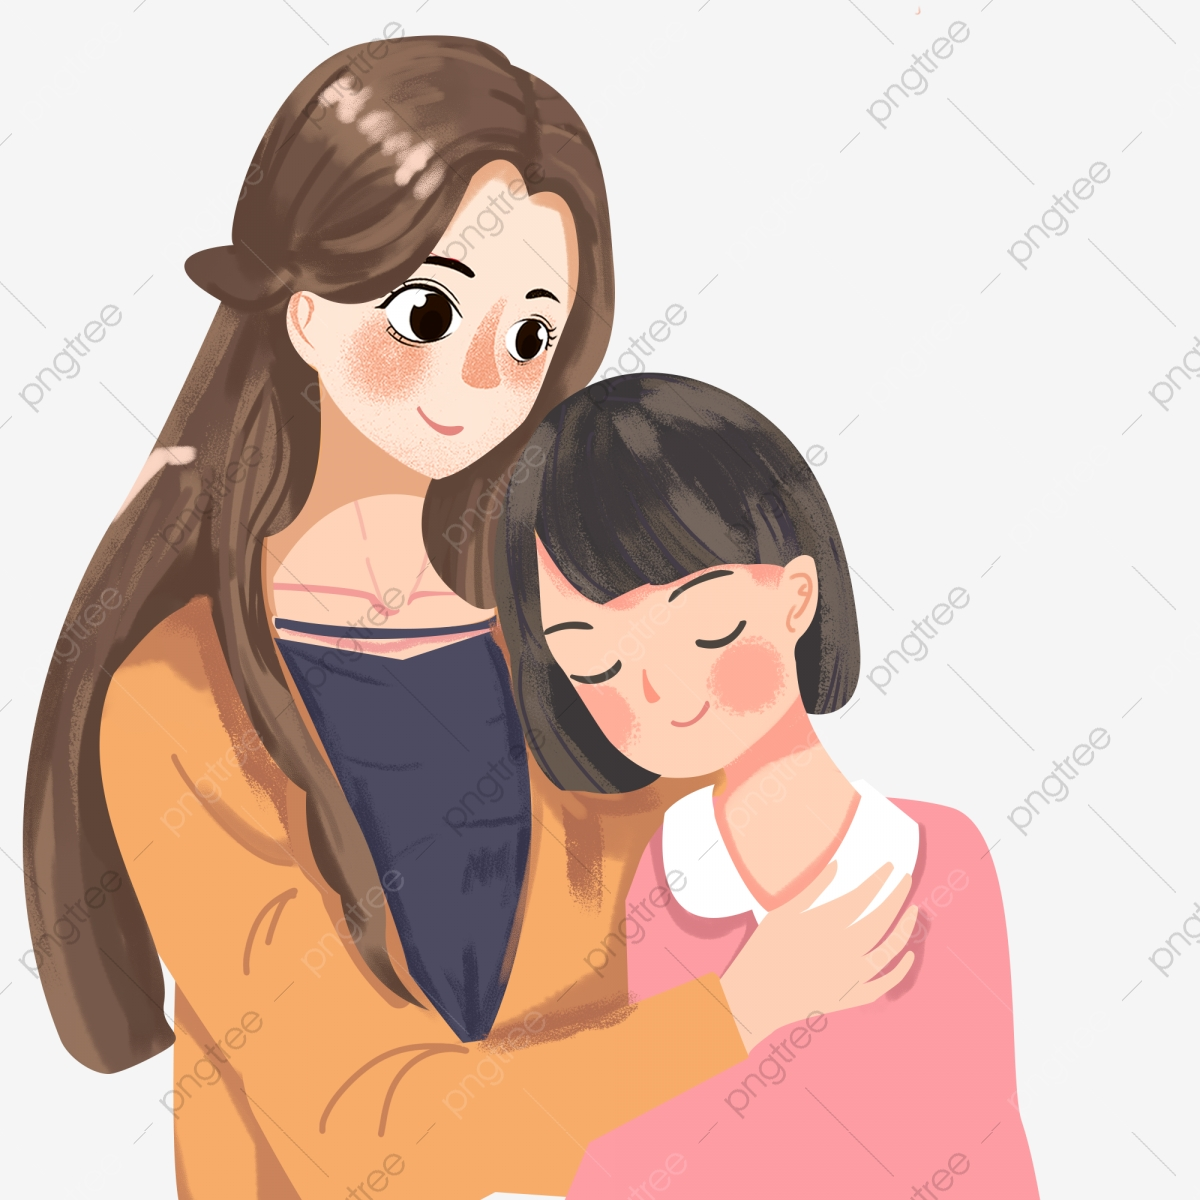 Gambar Hari Ibu Ibu Dan Anak Perempuan Ibu Dan Anak Kartun Watak Kartun Hari Ibu Ibu Dan Anak Perempuan Ibu Dan Anak Perempuan Kartun Png Dan Psd Untuk Muat Turun Percuma